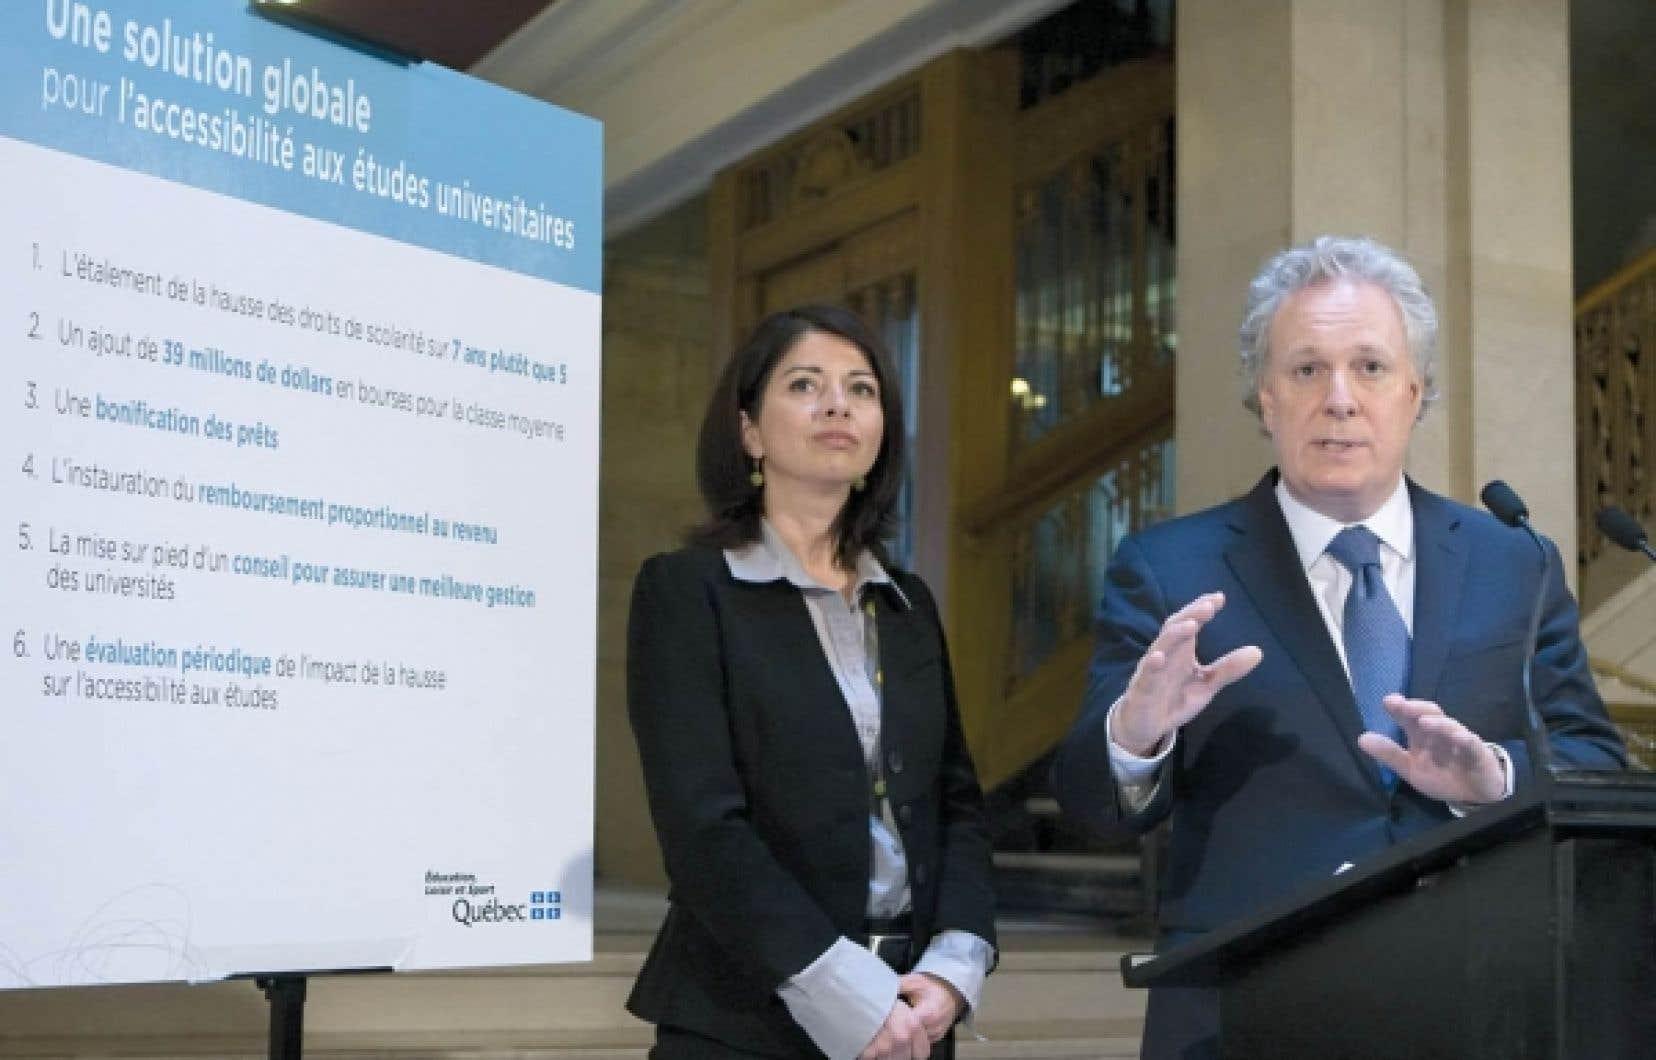 Jean Charest et Line Beauchamp ont présenté hier une offre globale aux étudiants.